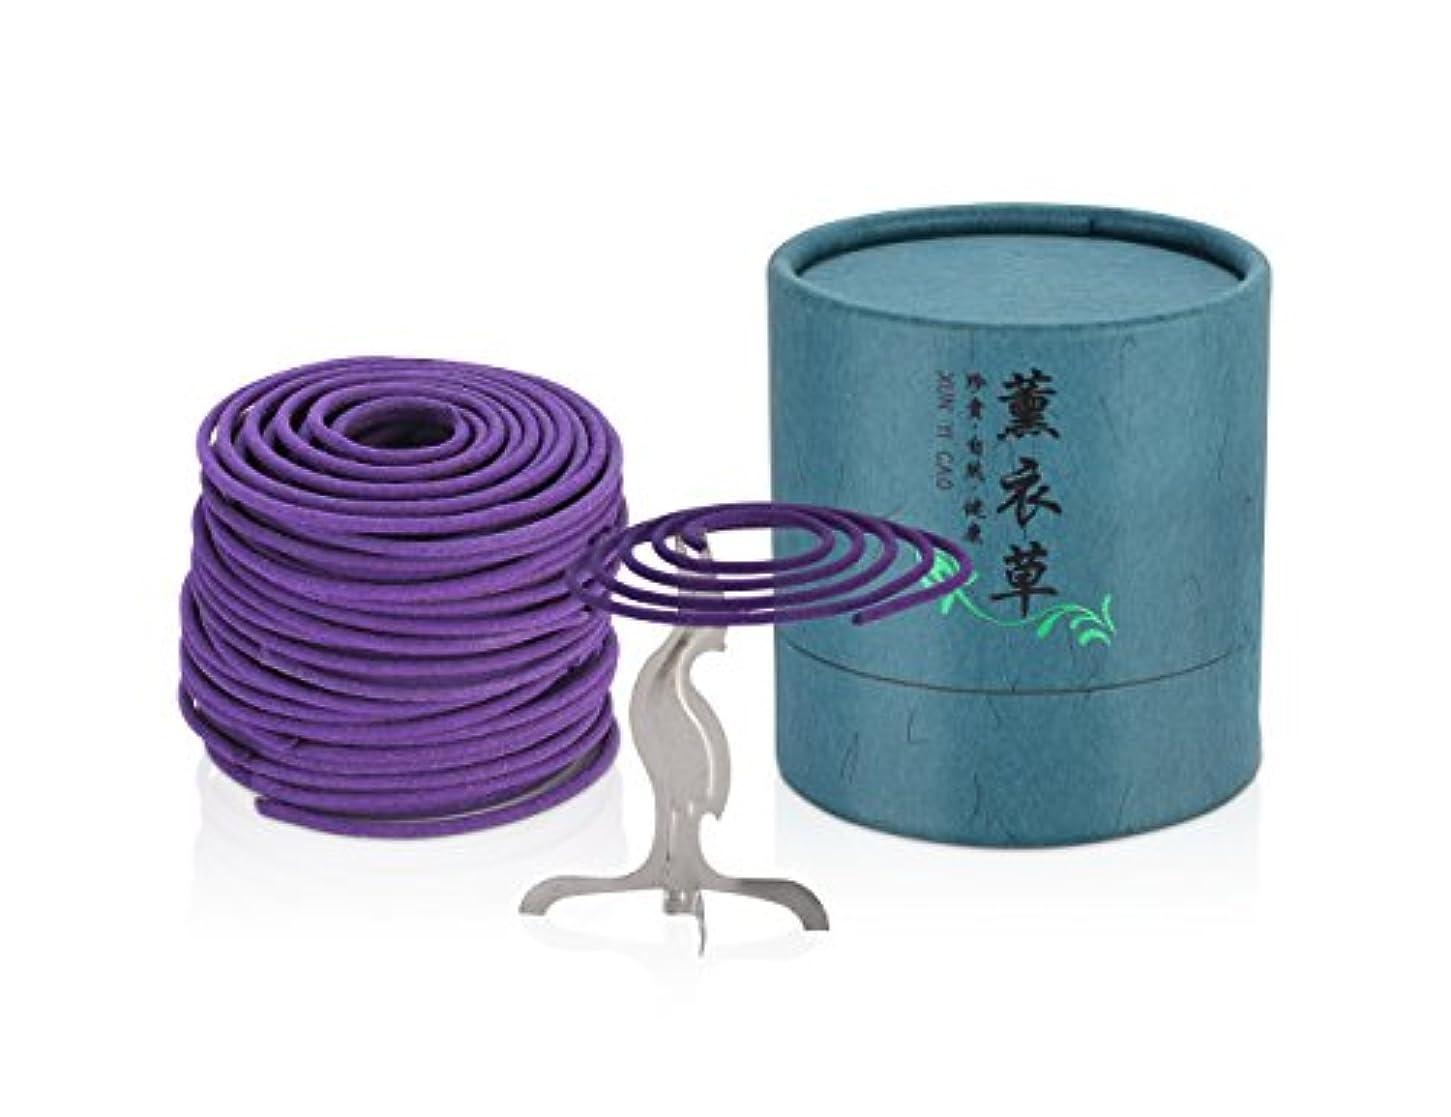 かんがい切り離す代表(Lavender) - Xujia Lavender Incense Coils,Zen Buddhist Coils Incense for Burner